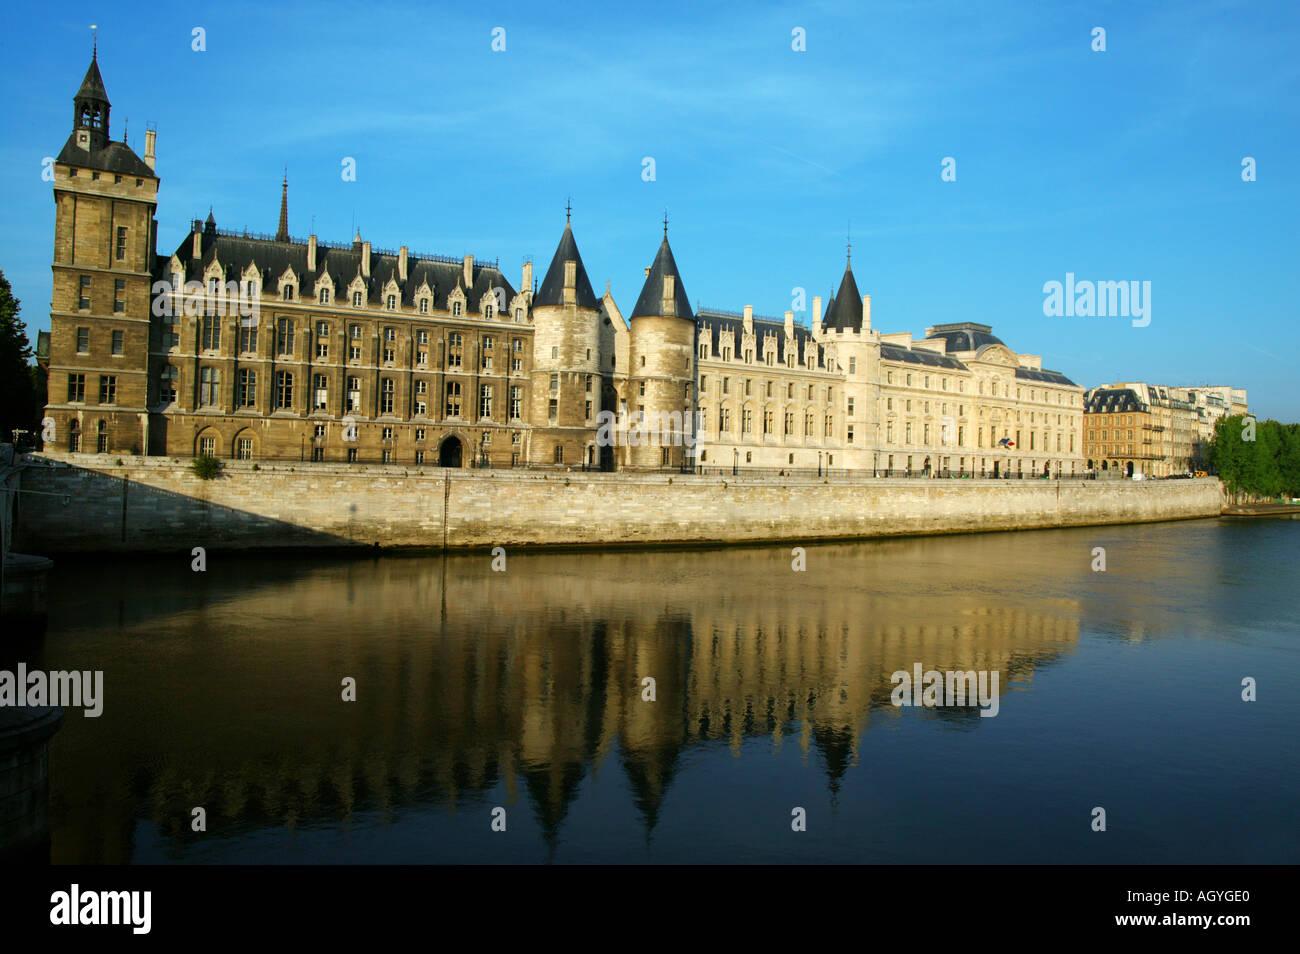 France Paris La Conciergerie - Stock Image